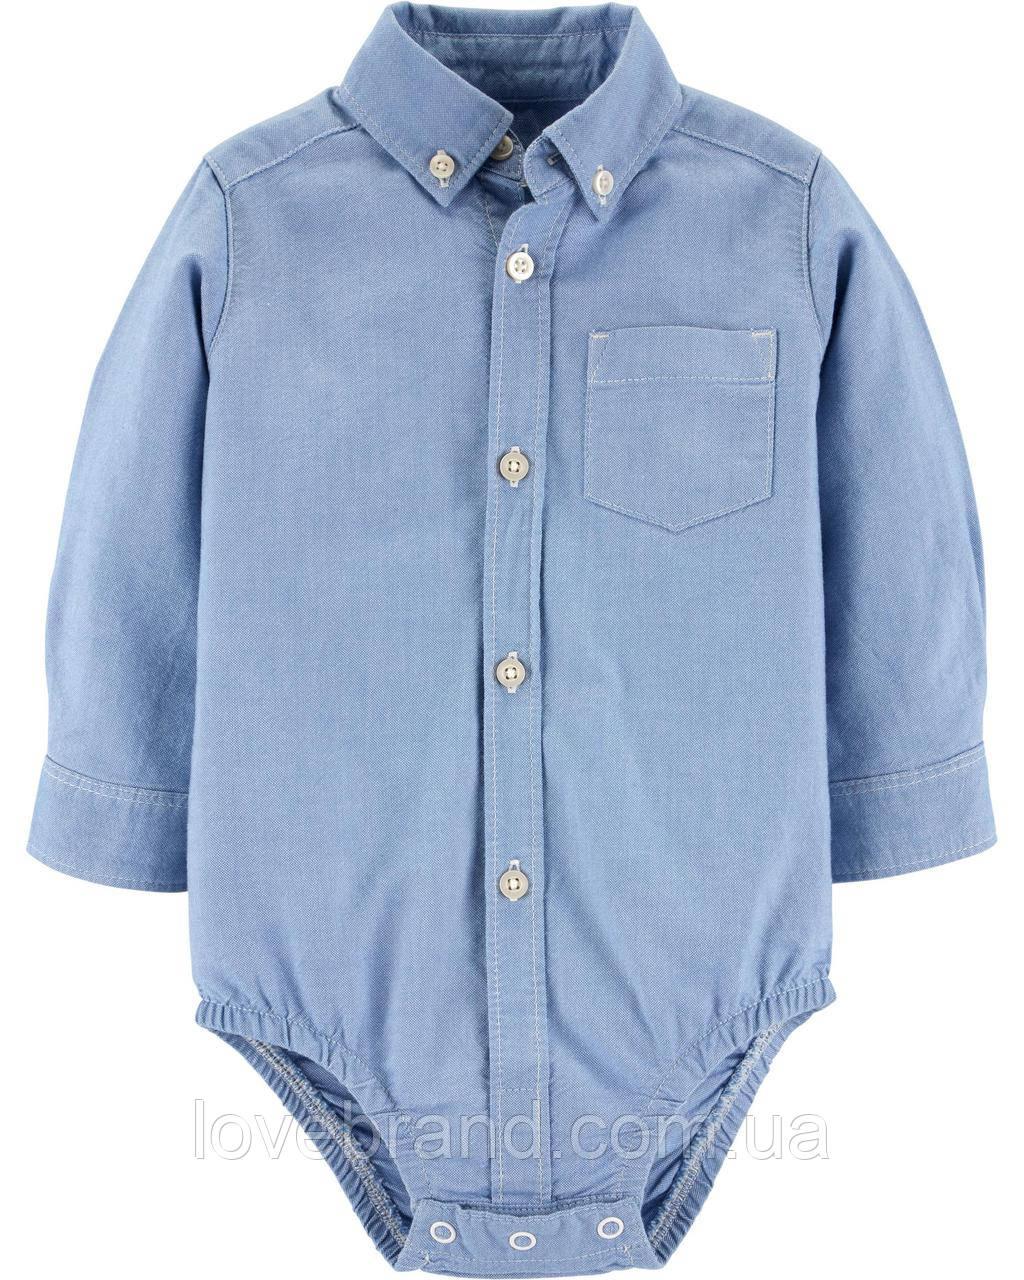 Рубашка боди OshKosh для мальчика голубая, нарядная рубашка для малыша